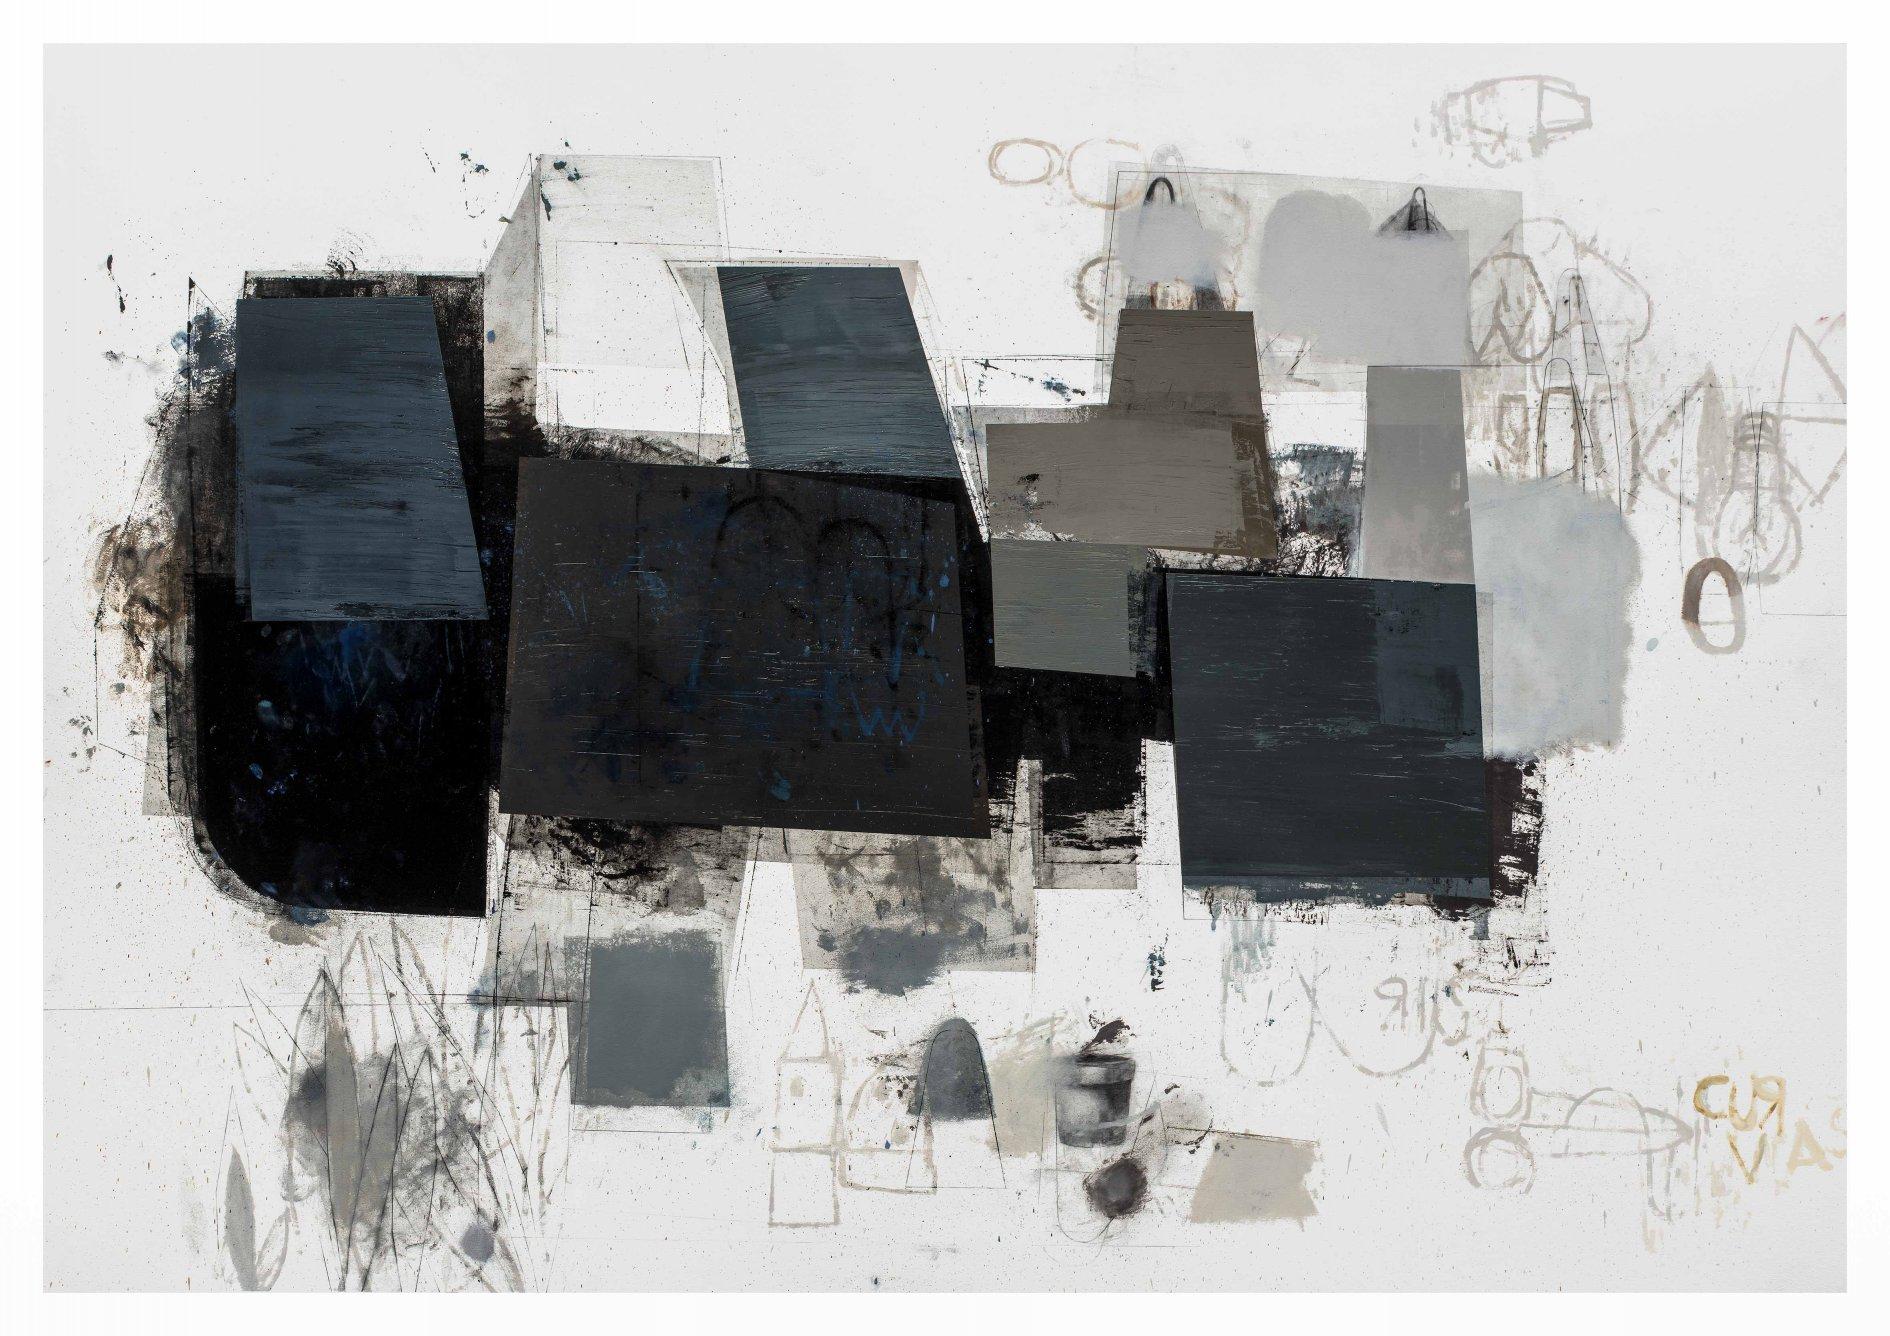 [De]Constructions XCVII (2018) - Gil Maia